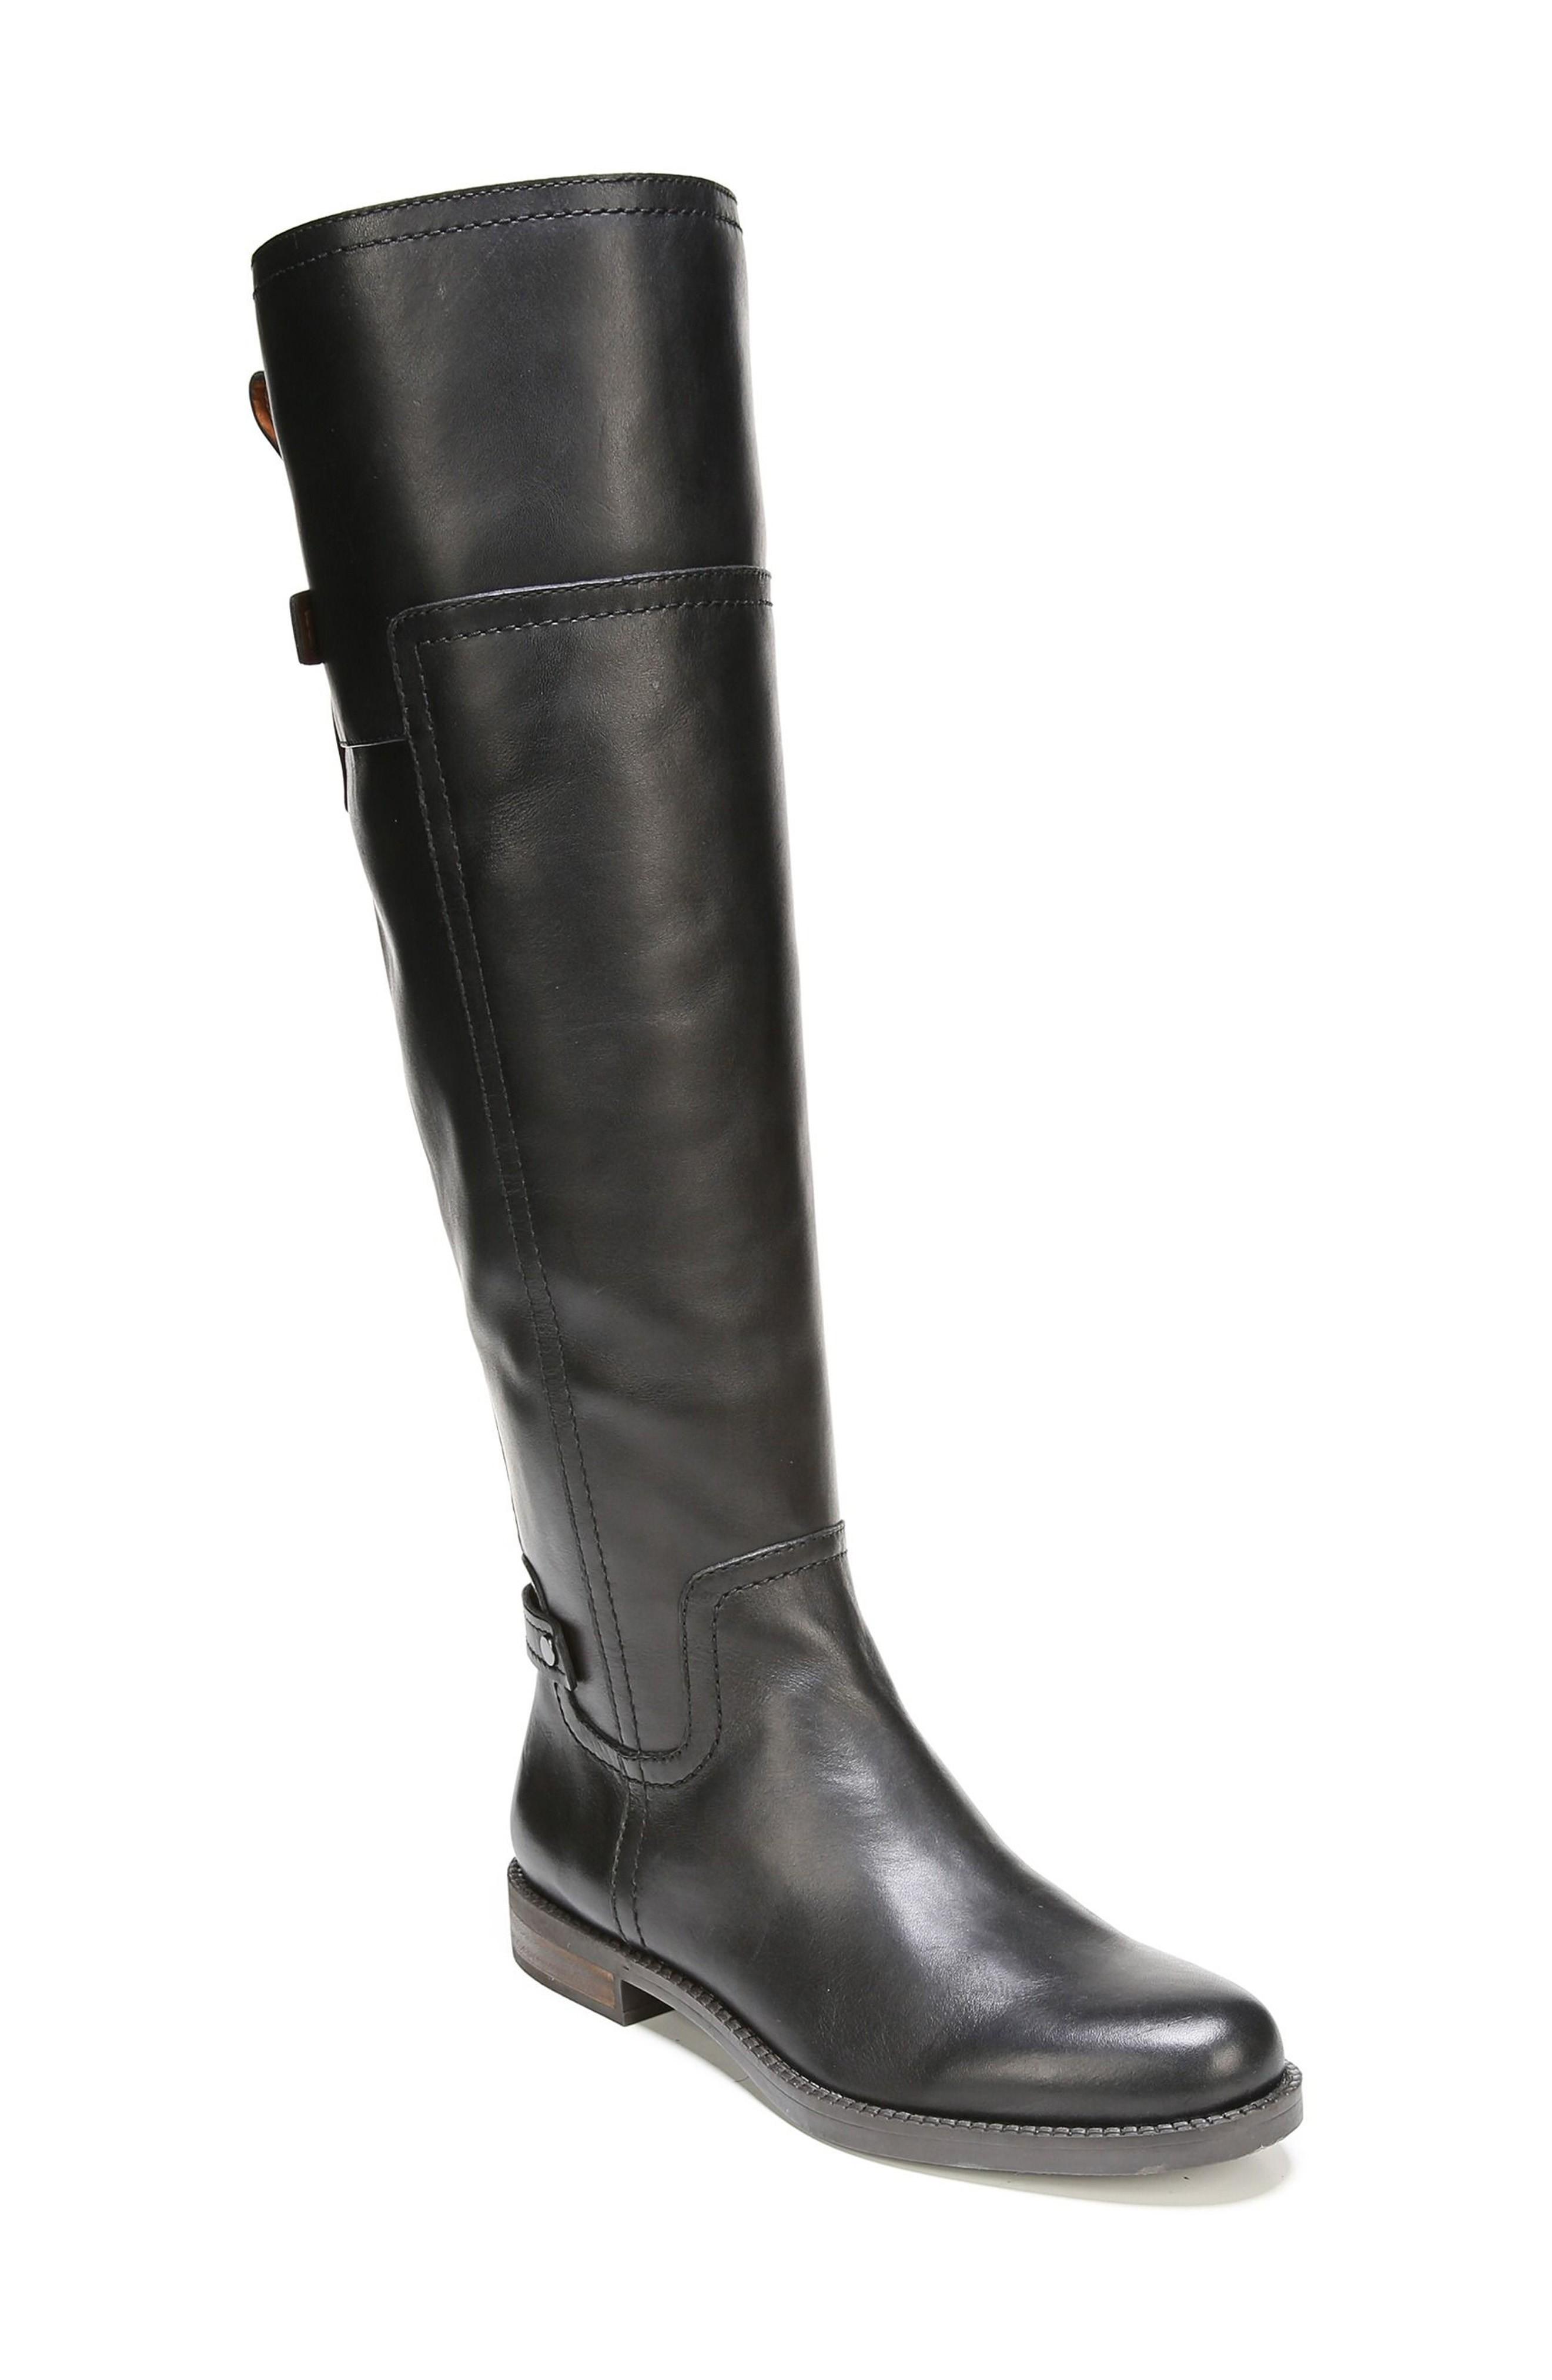 black boots for women knee-high boots for women   nordstrom nzbytol